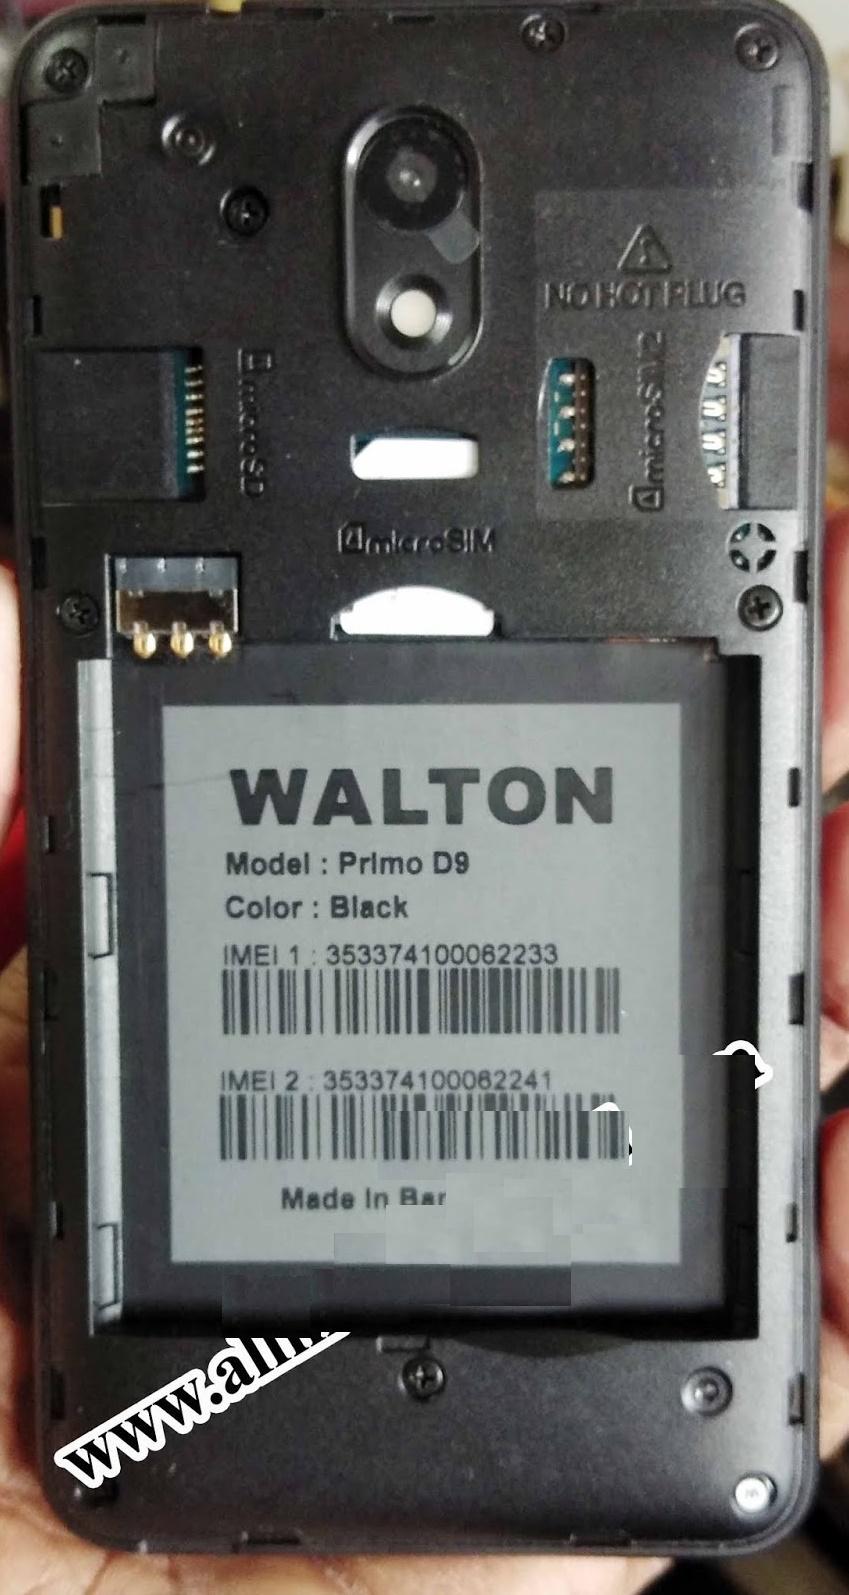 Walton Primo D9 Frp Bypass